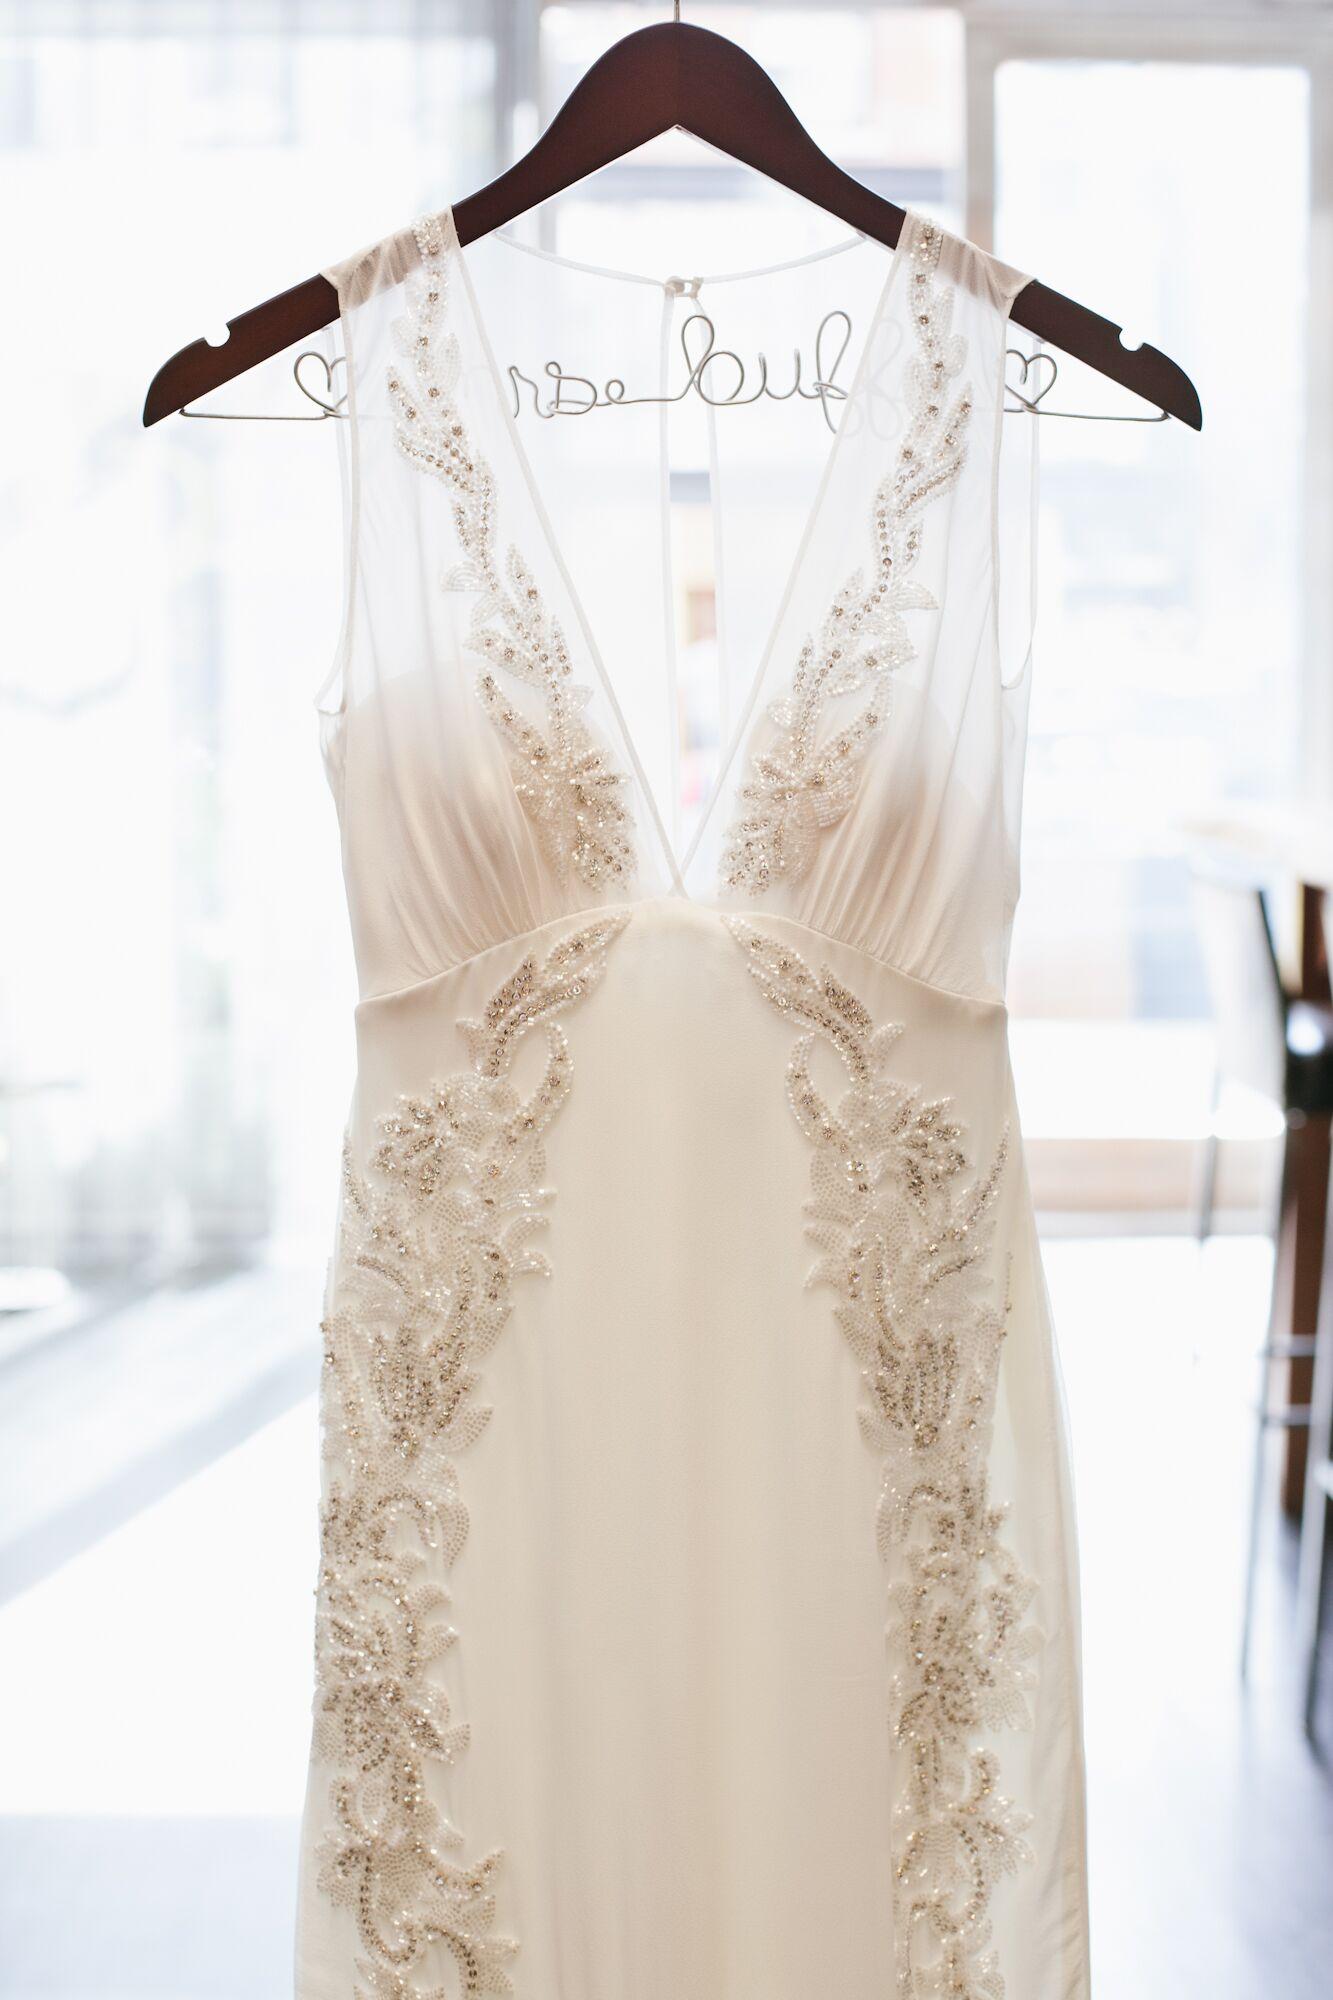 Sequined Nicole Miller Wedding Dress